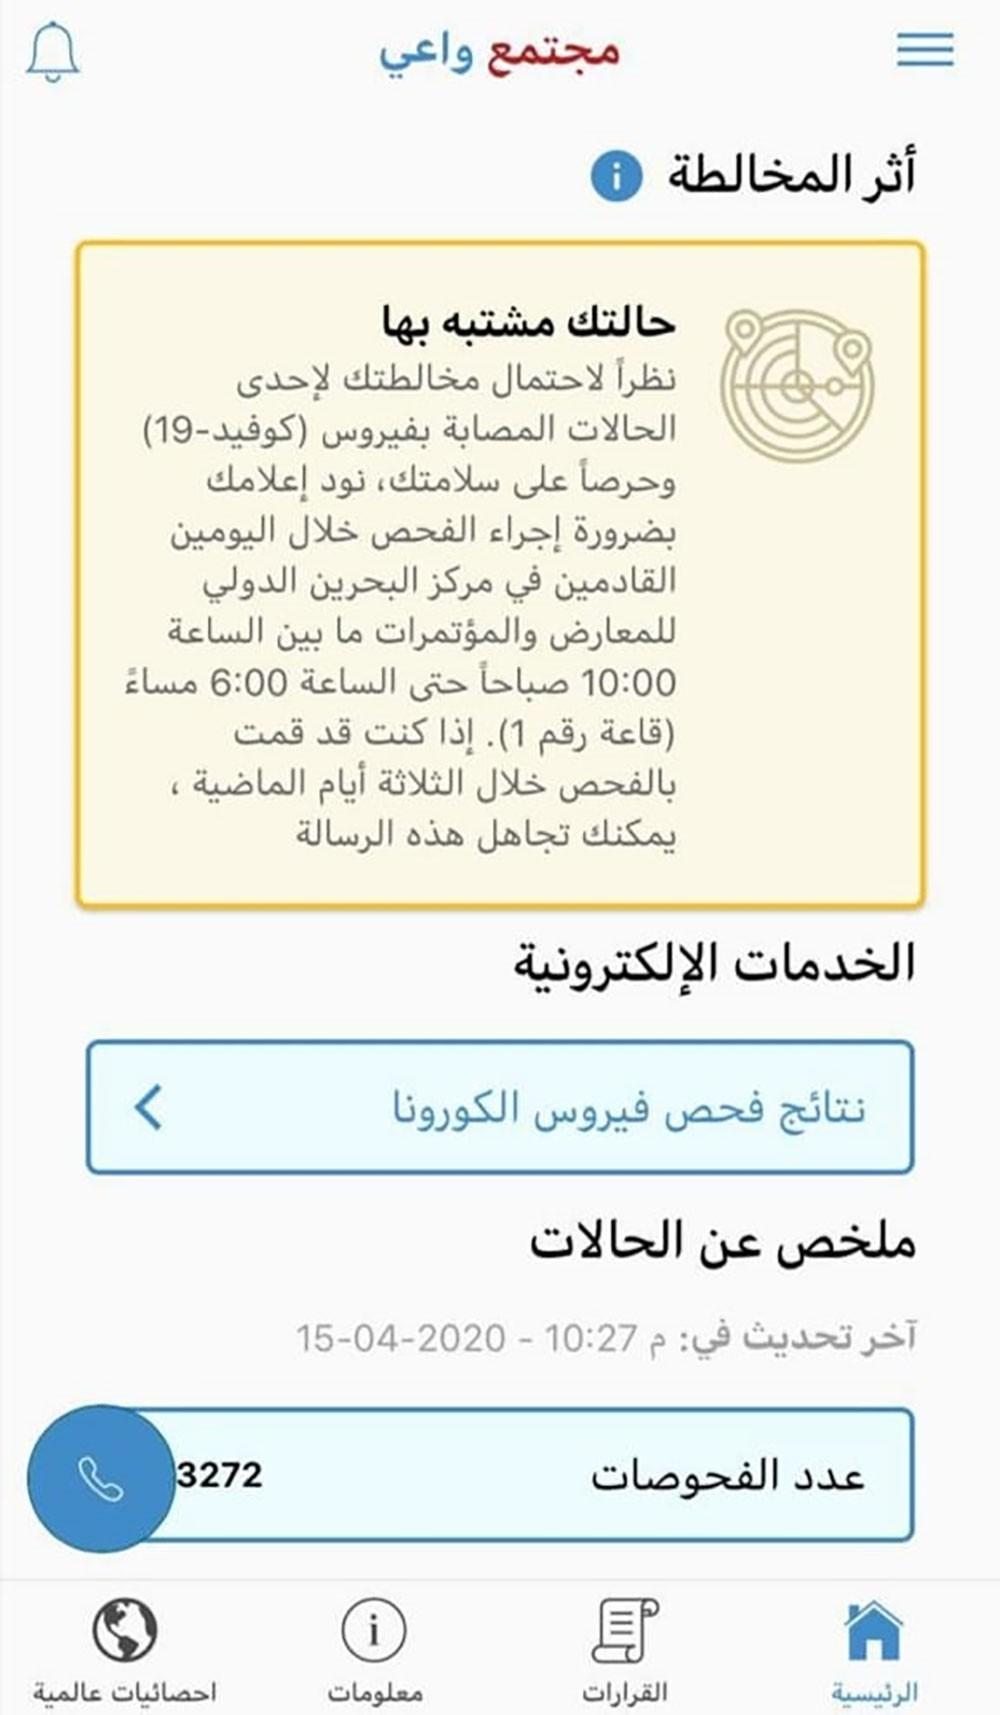 جريدة البلاد هيئة المعلومات تطبيق مجتمع واعي يبدأ في إرسال الإشعارات للحالات المخالطة